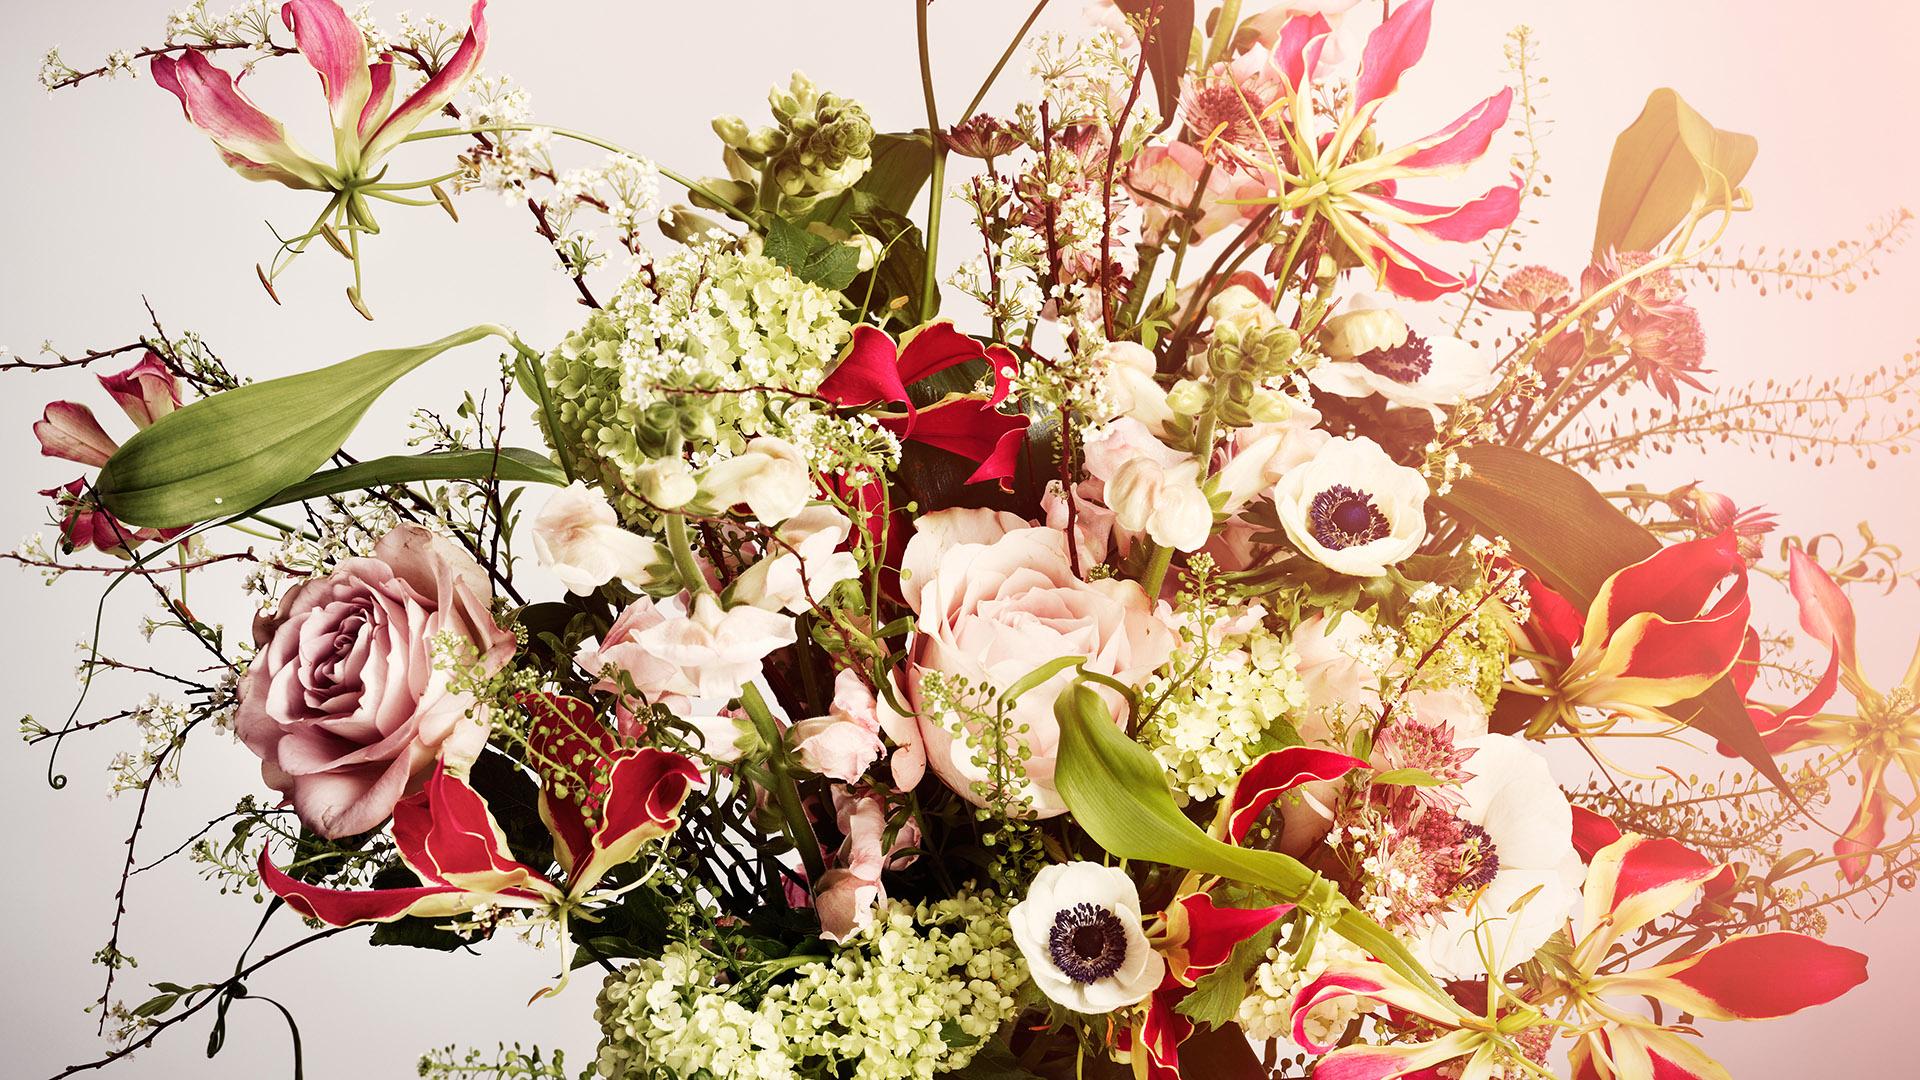 Power-of-flower1640_2